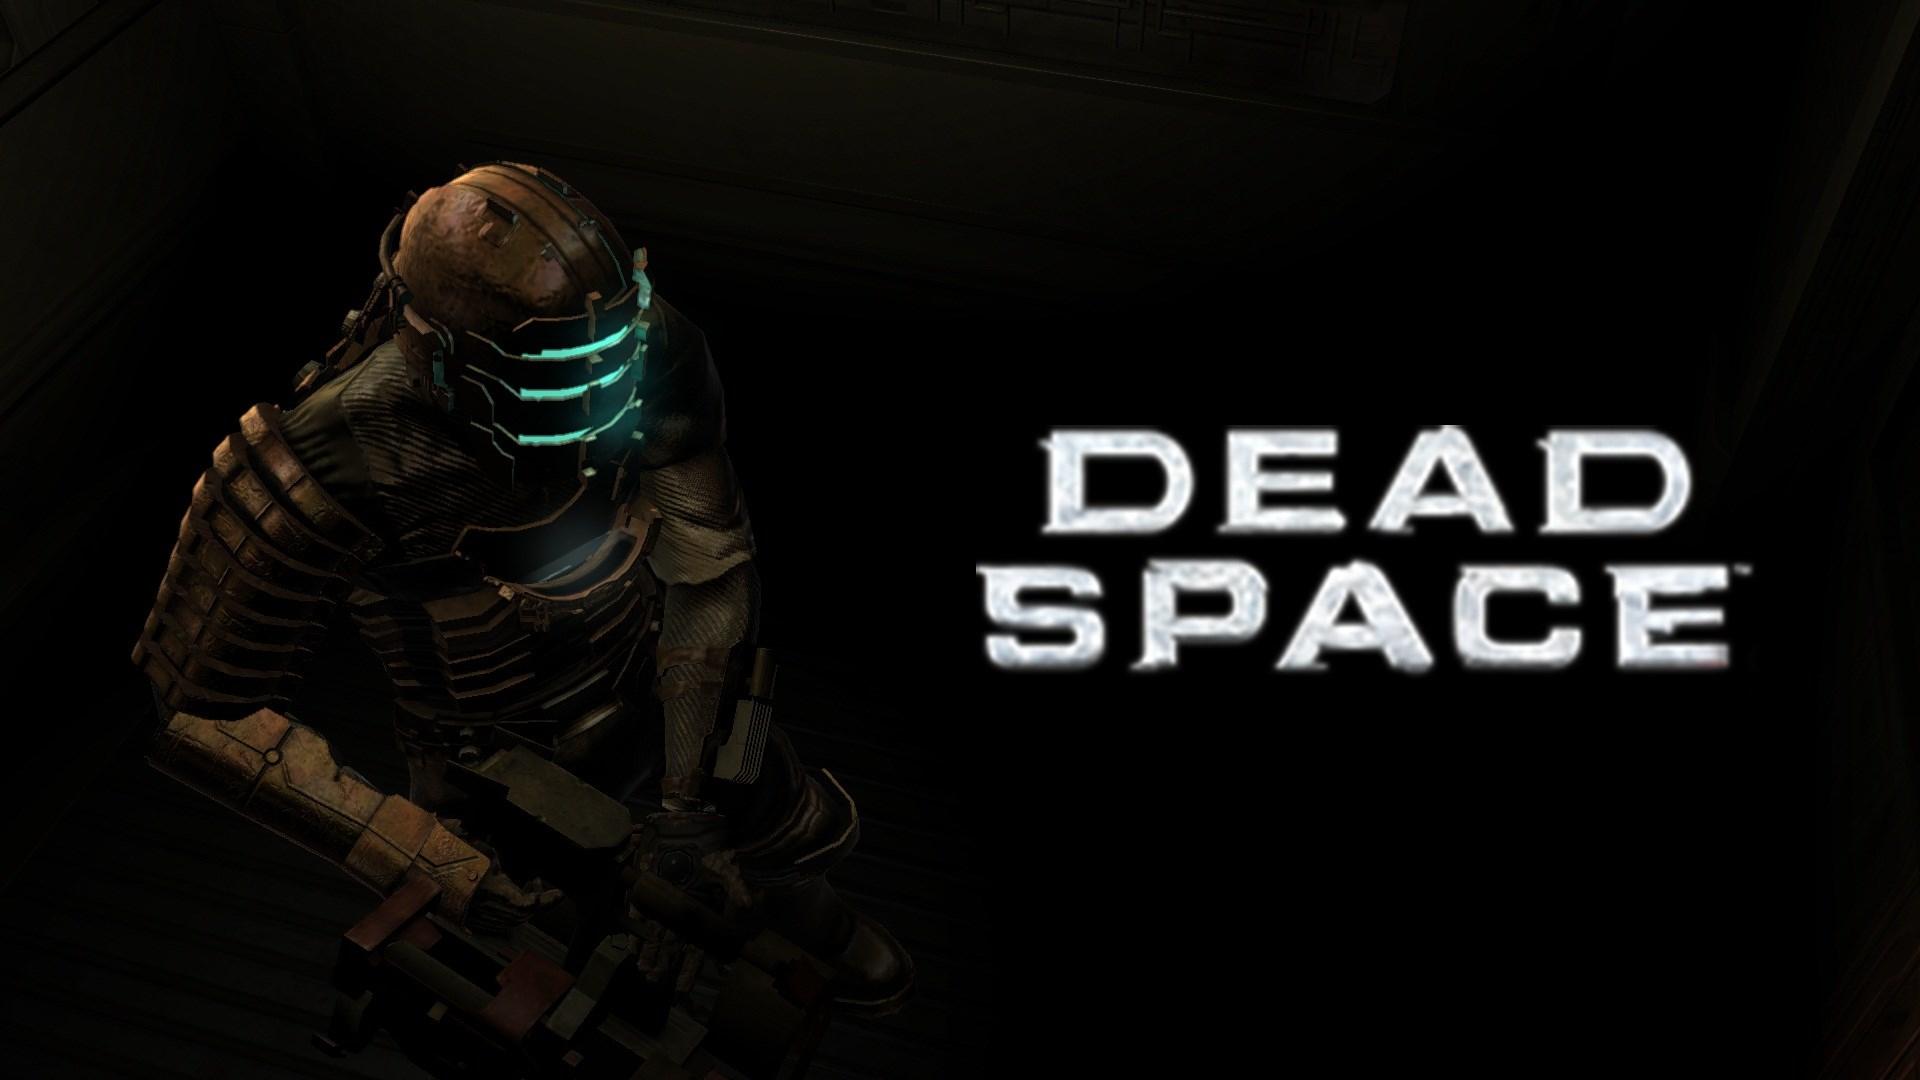 dead-space-hd-1080p-windows-wallpaper-wp3604645